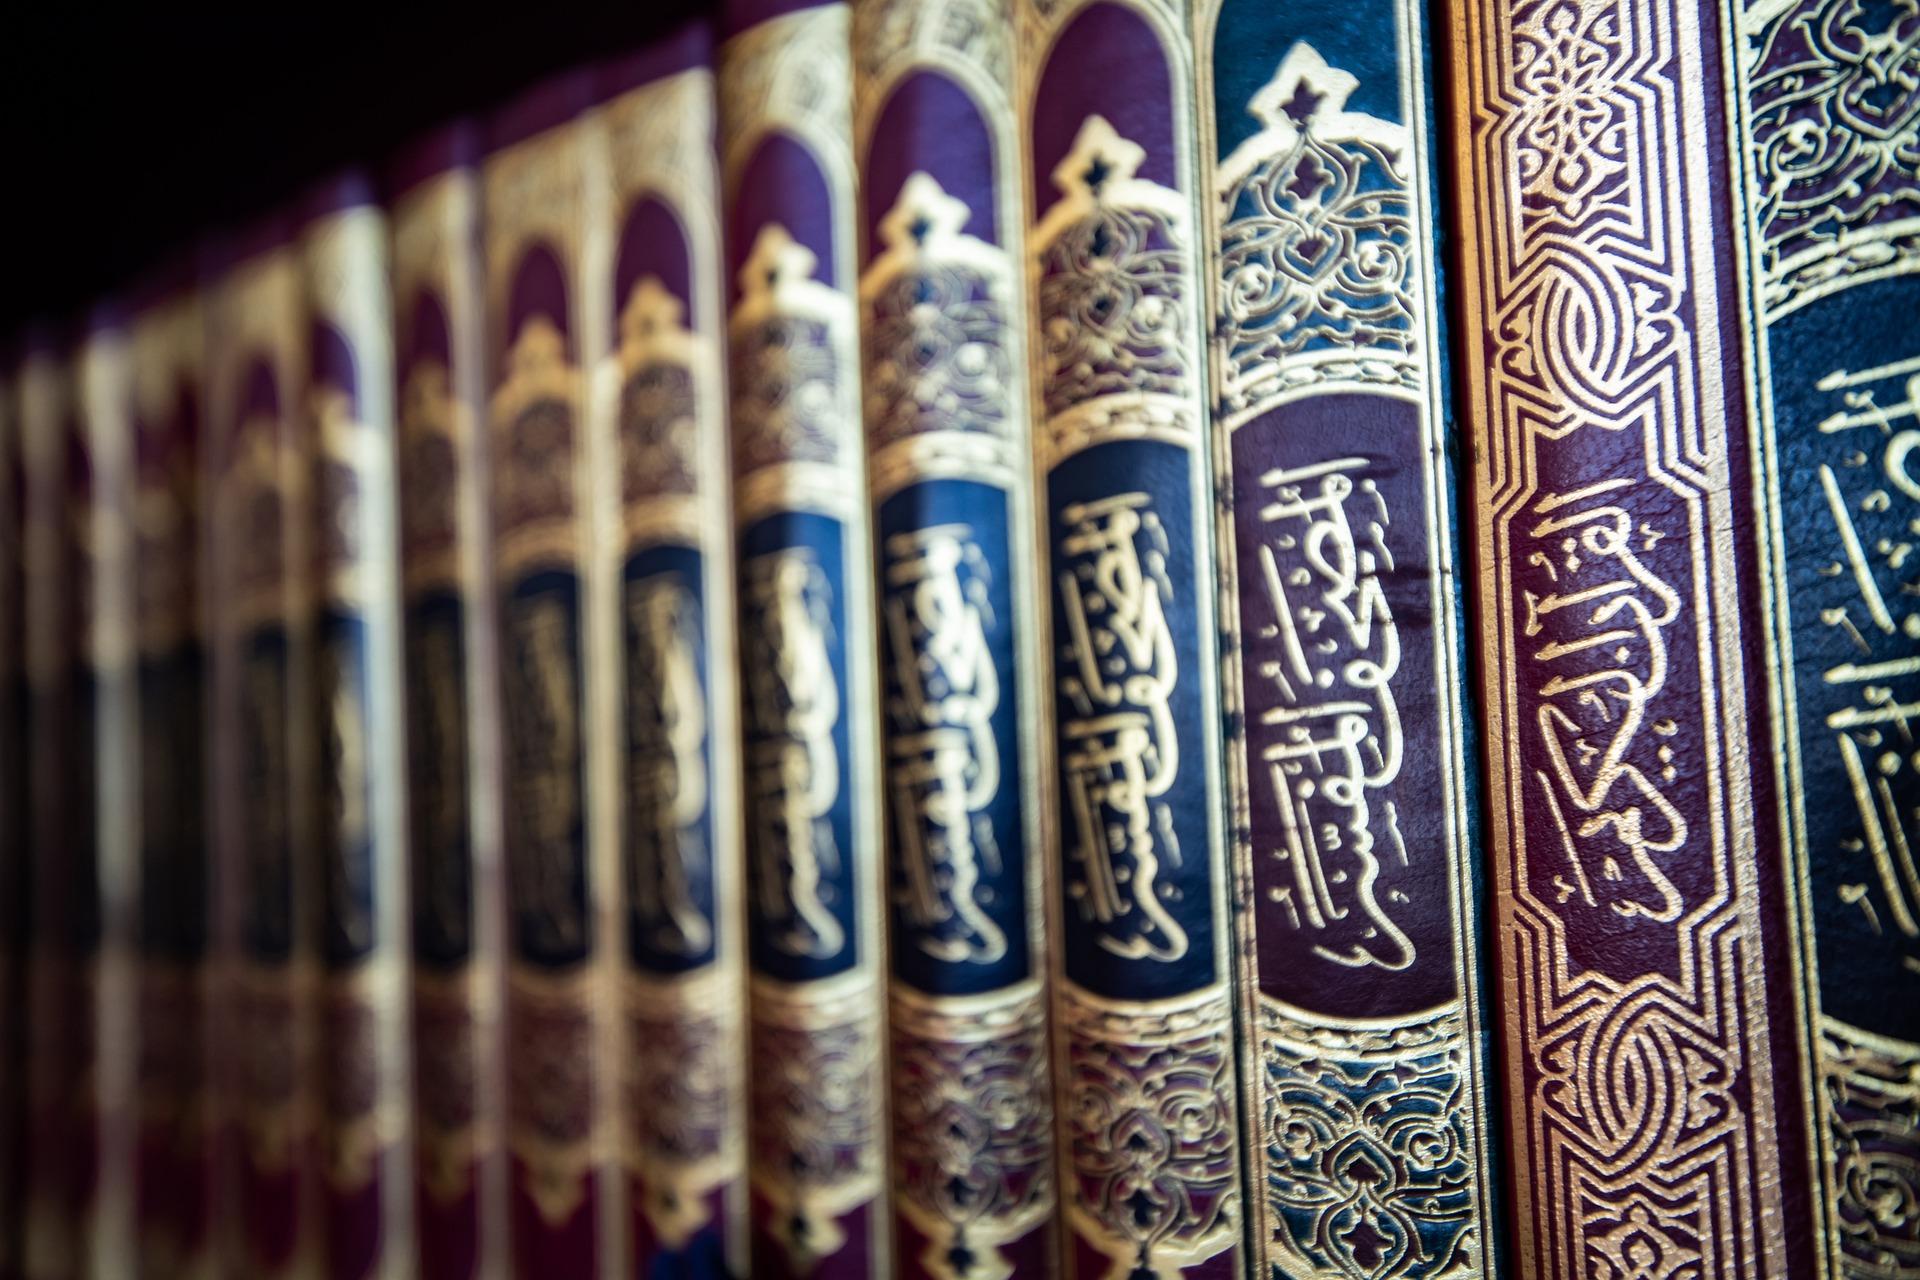 dini inançlar kutsal kitaplar fıkıh ve islam yorumlar